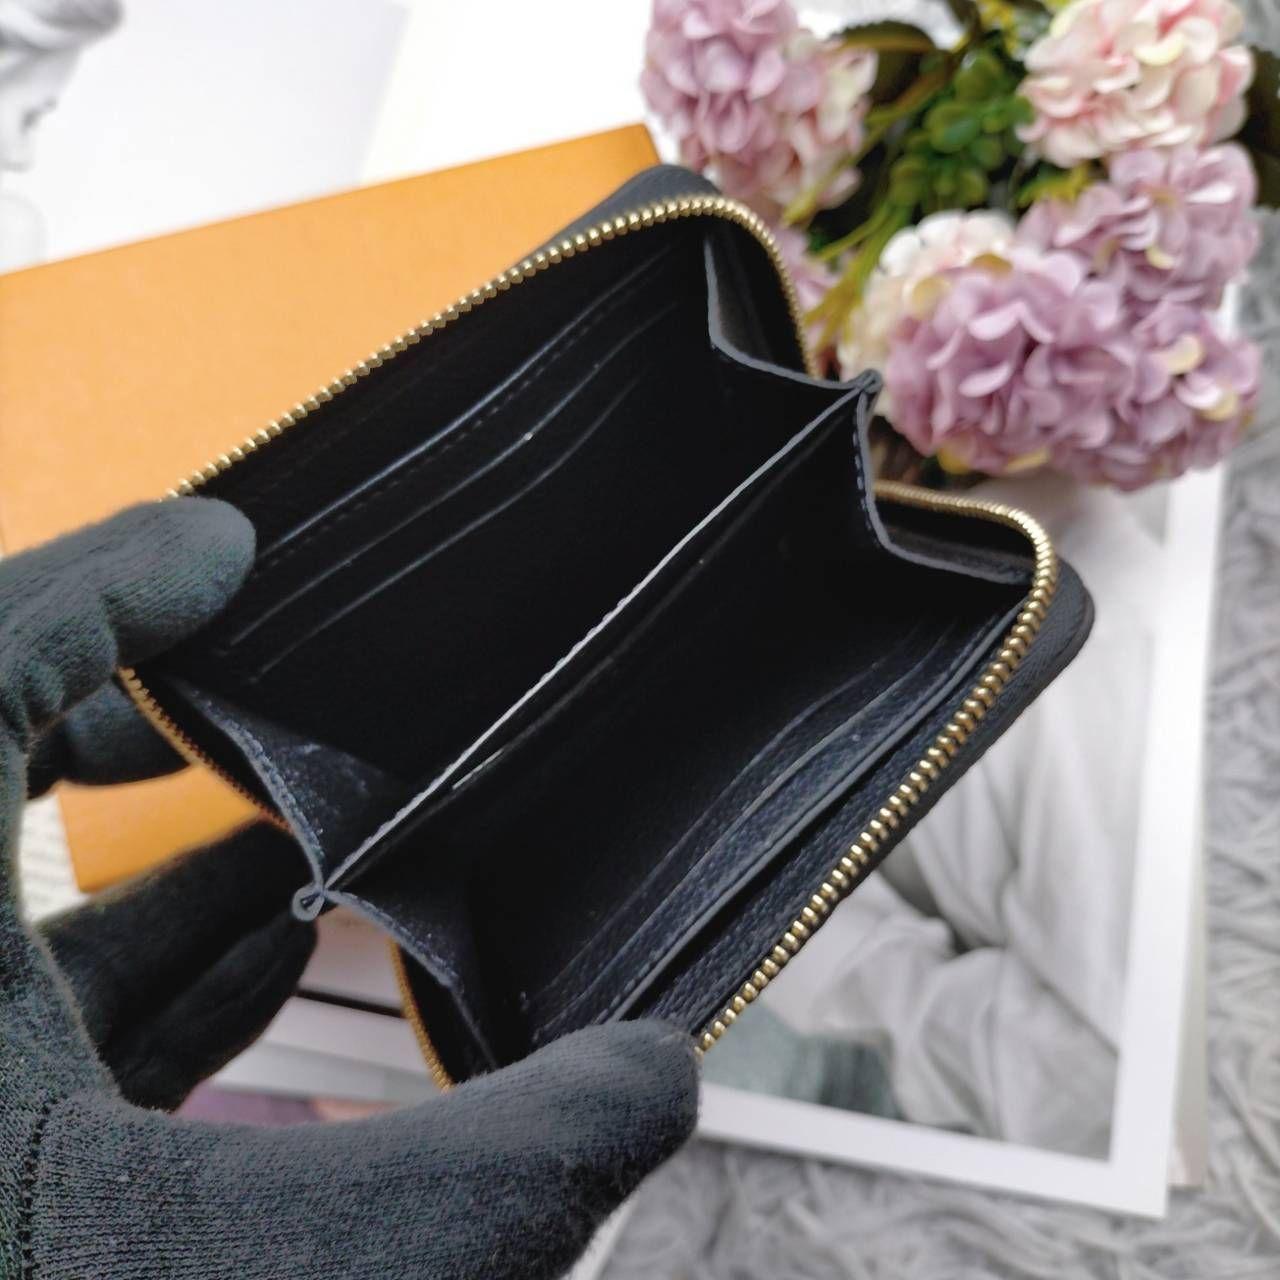 在台現貨 Lv 黑壓紋拉鍊零錢包 人氣爆棚的一款 $19300  2021 05